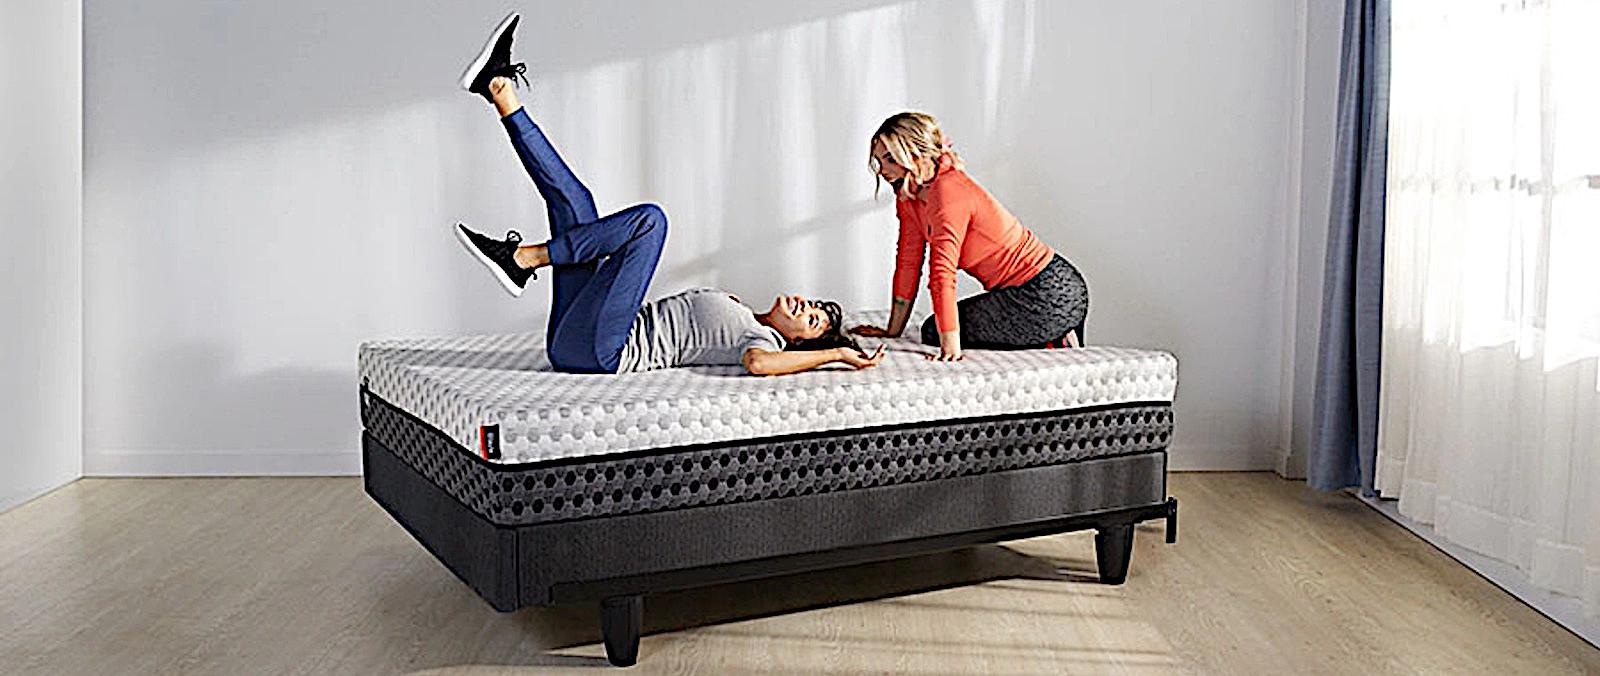 Trustworthy mattress foundation